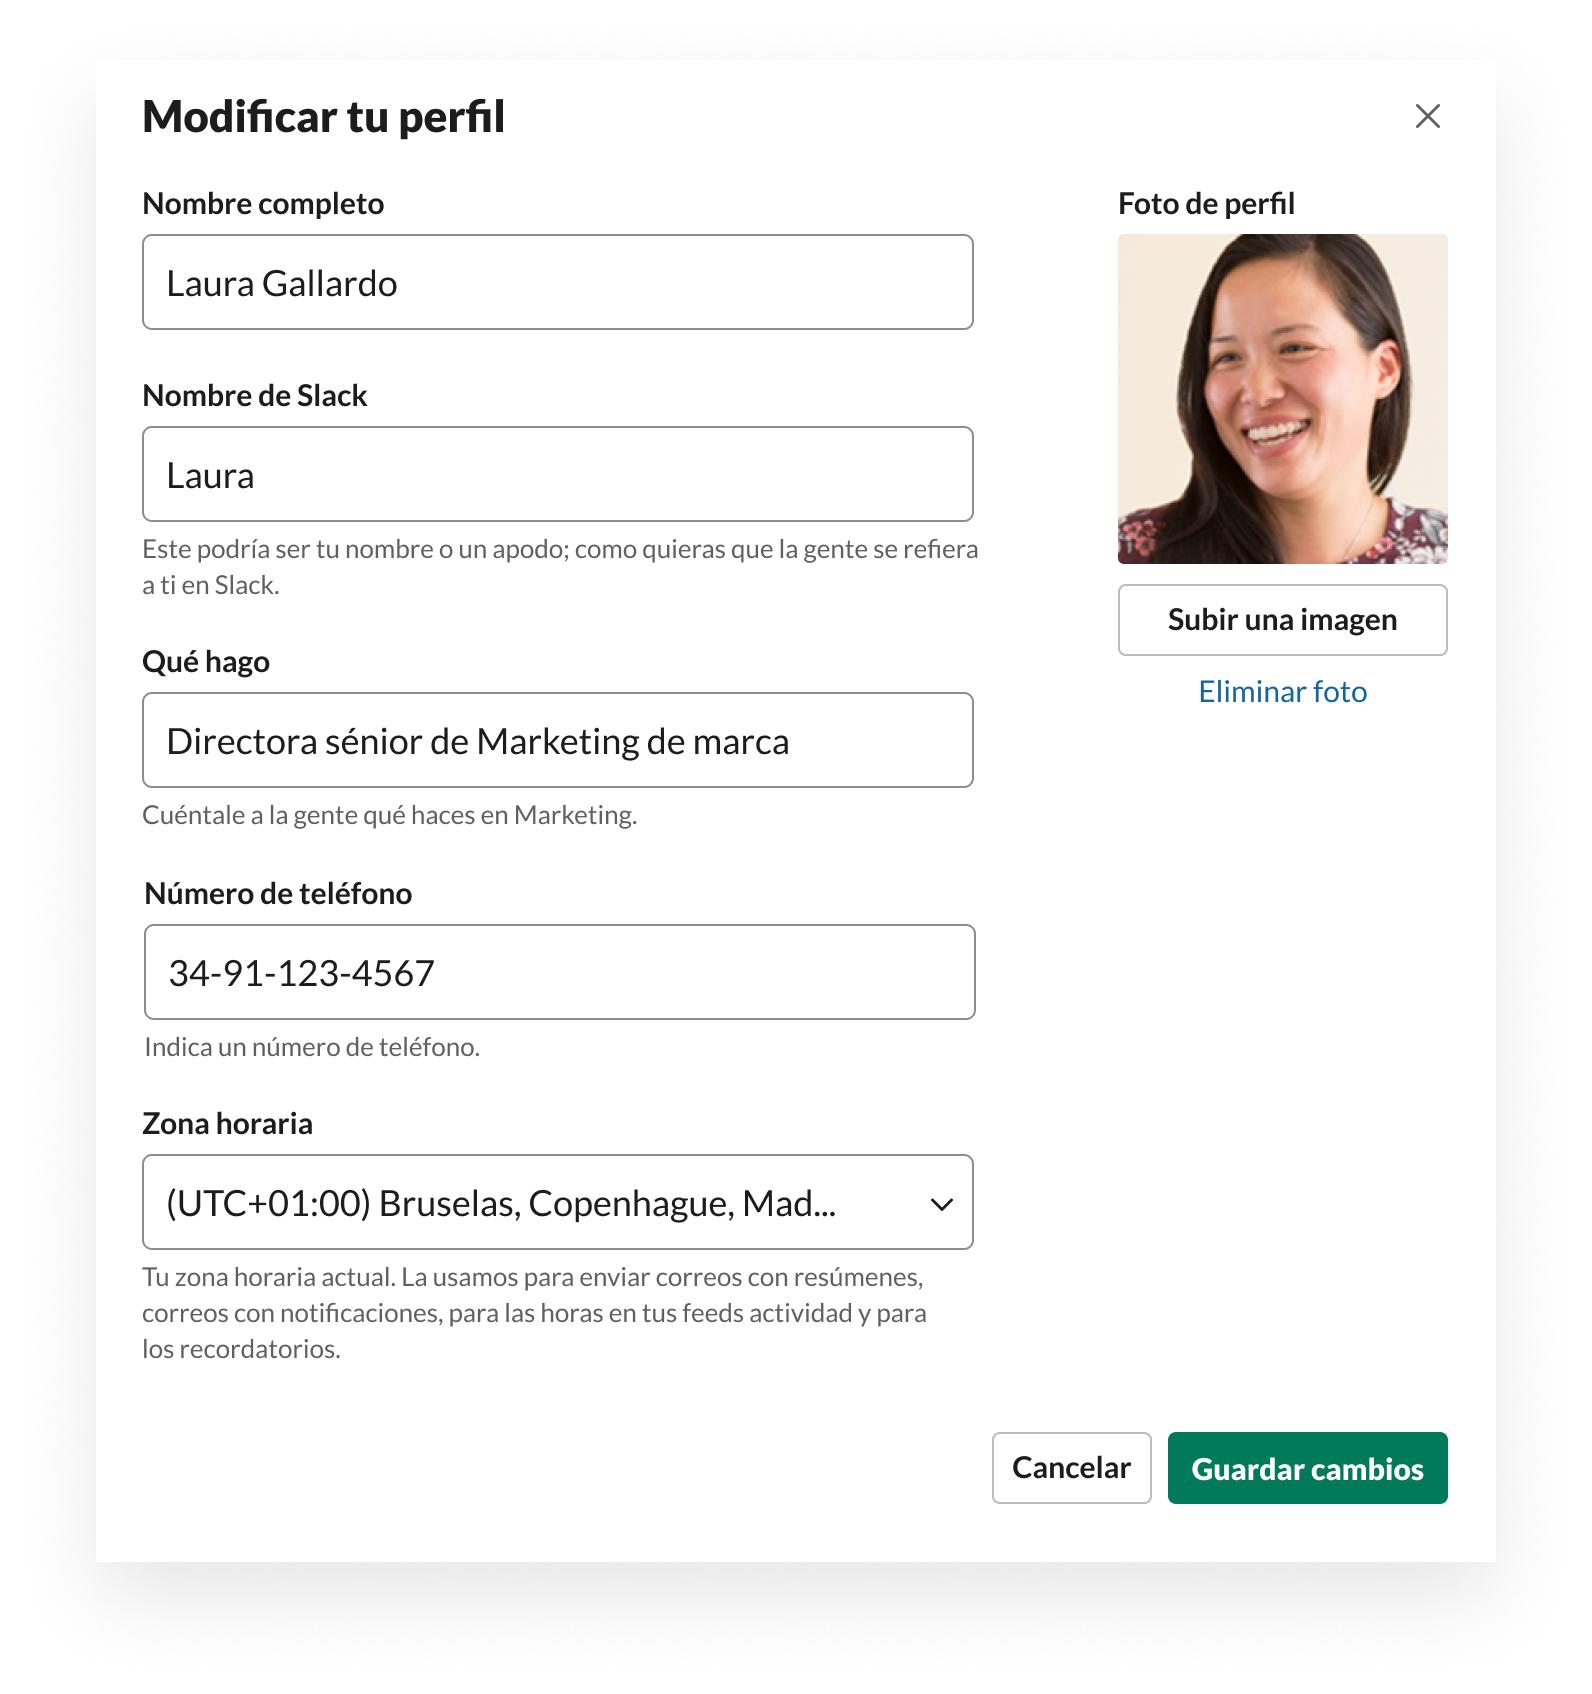 Interfaz de usuario de Slack que muestra cómo editar los datos del perfil, incluidos la foto, el nombre, el cargo, la zona horaria y el número de teléfono